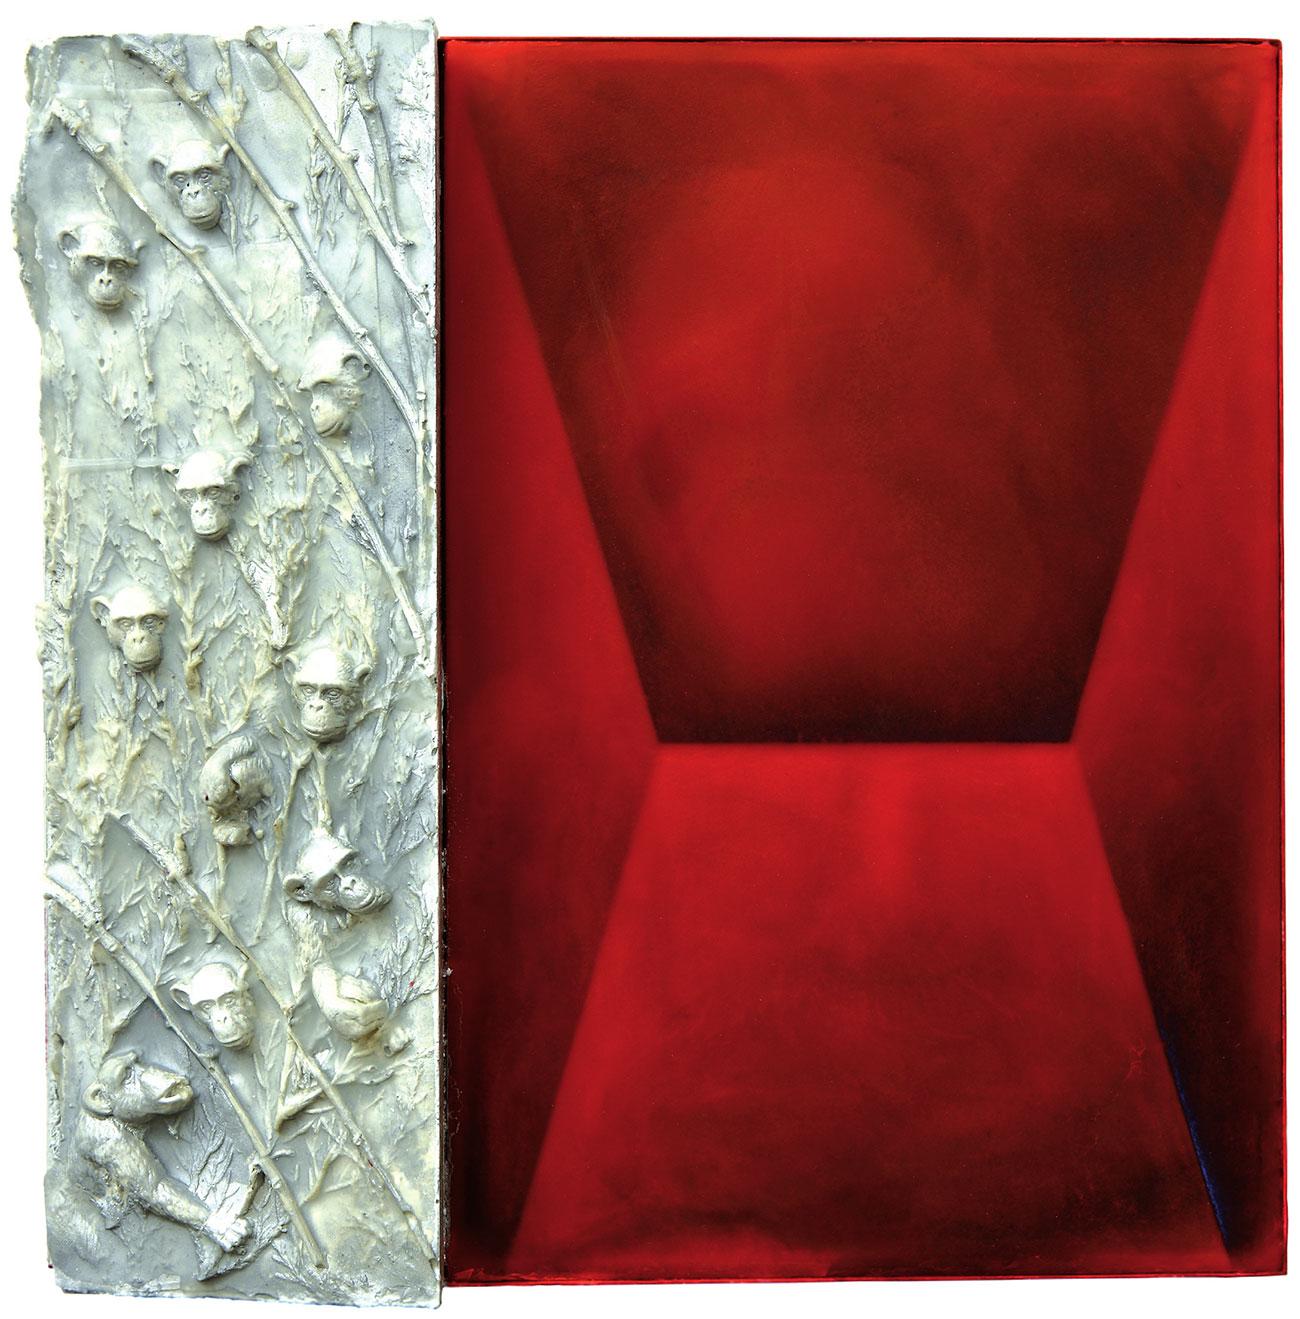 Ernesto Spina - Stratificazioni 4